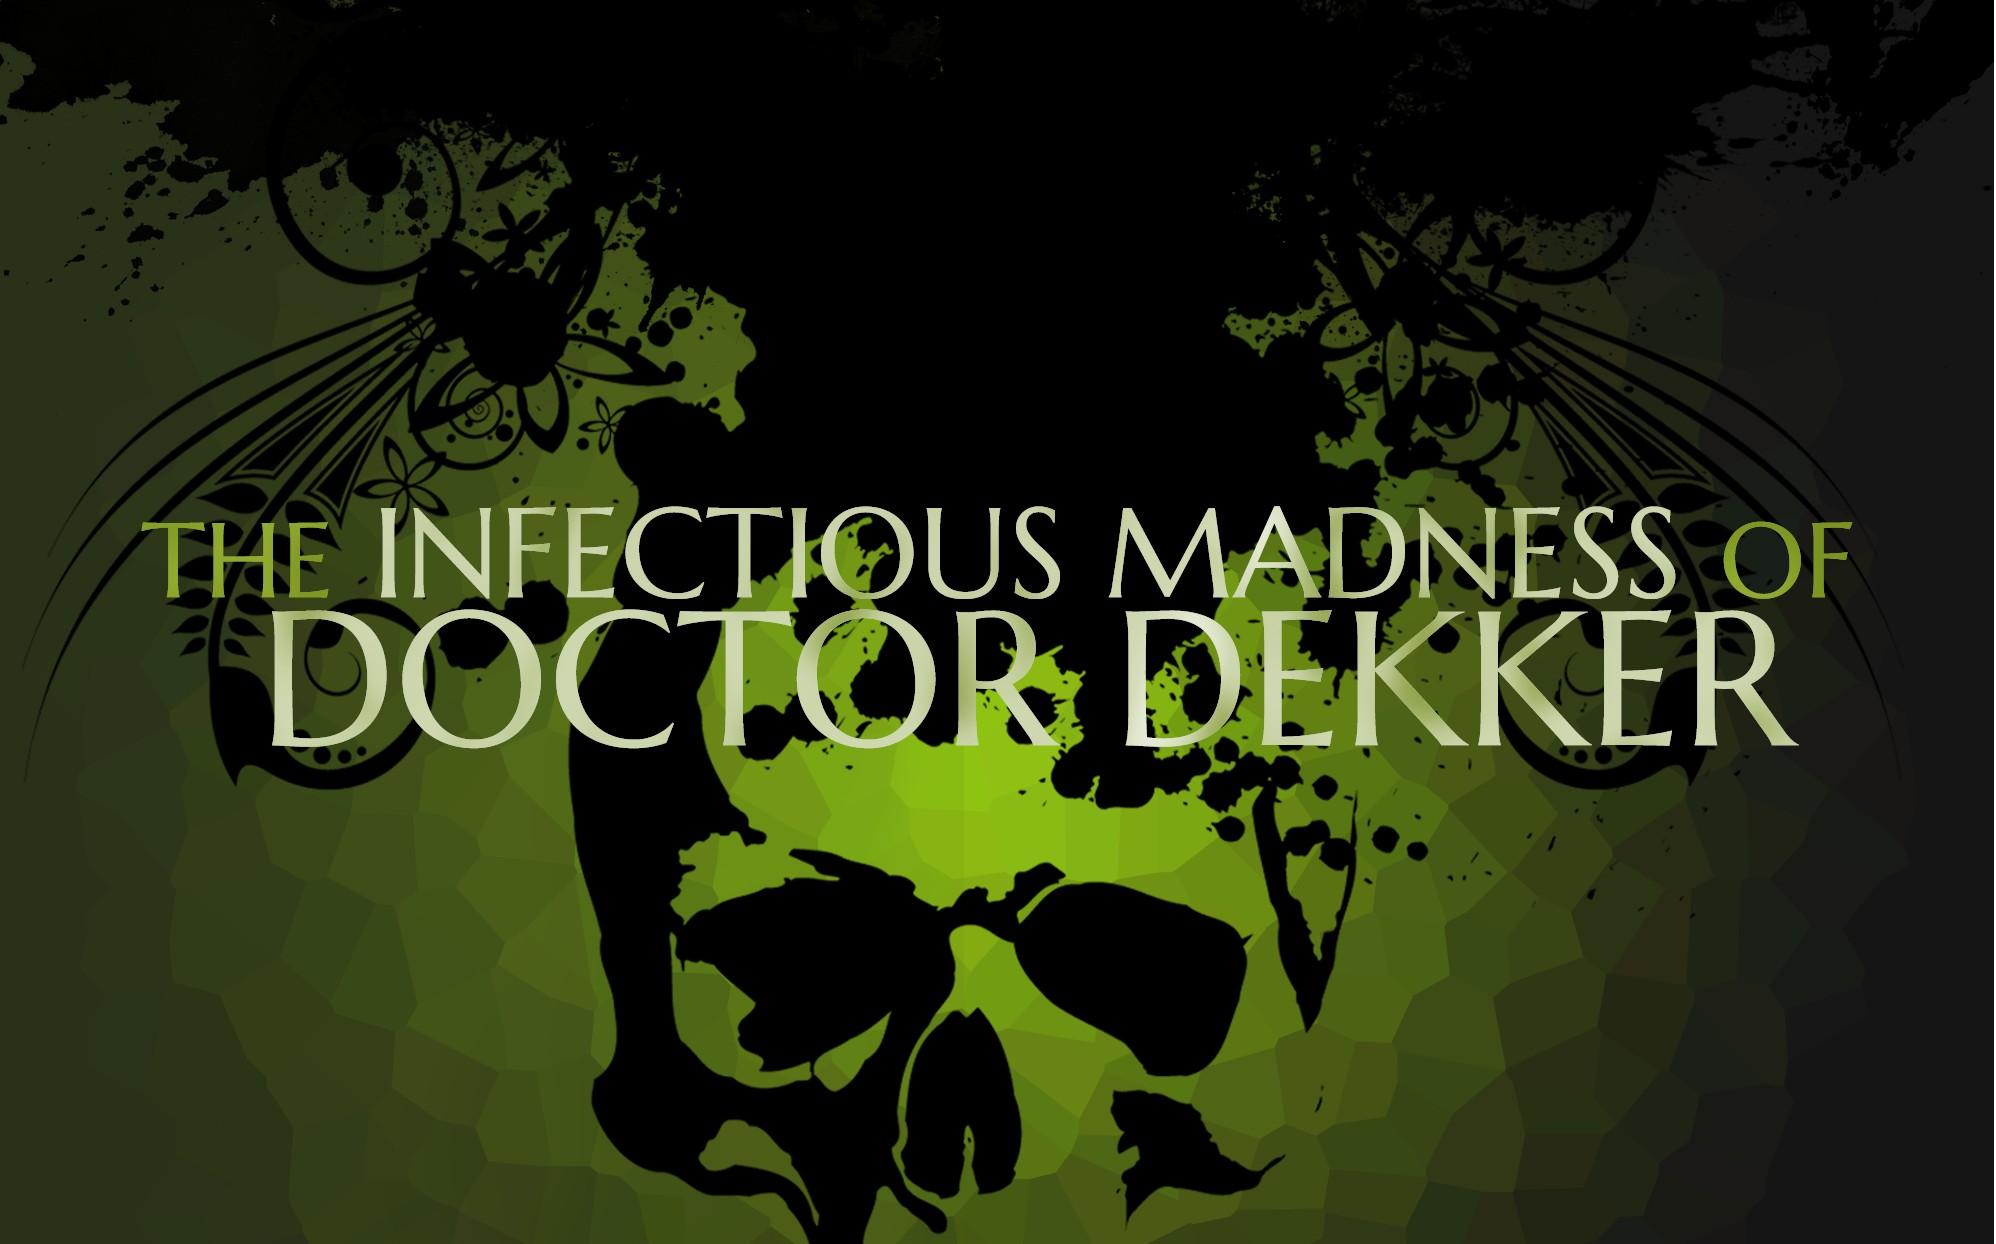 Dr dekker ekran tytułowy